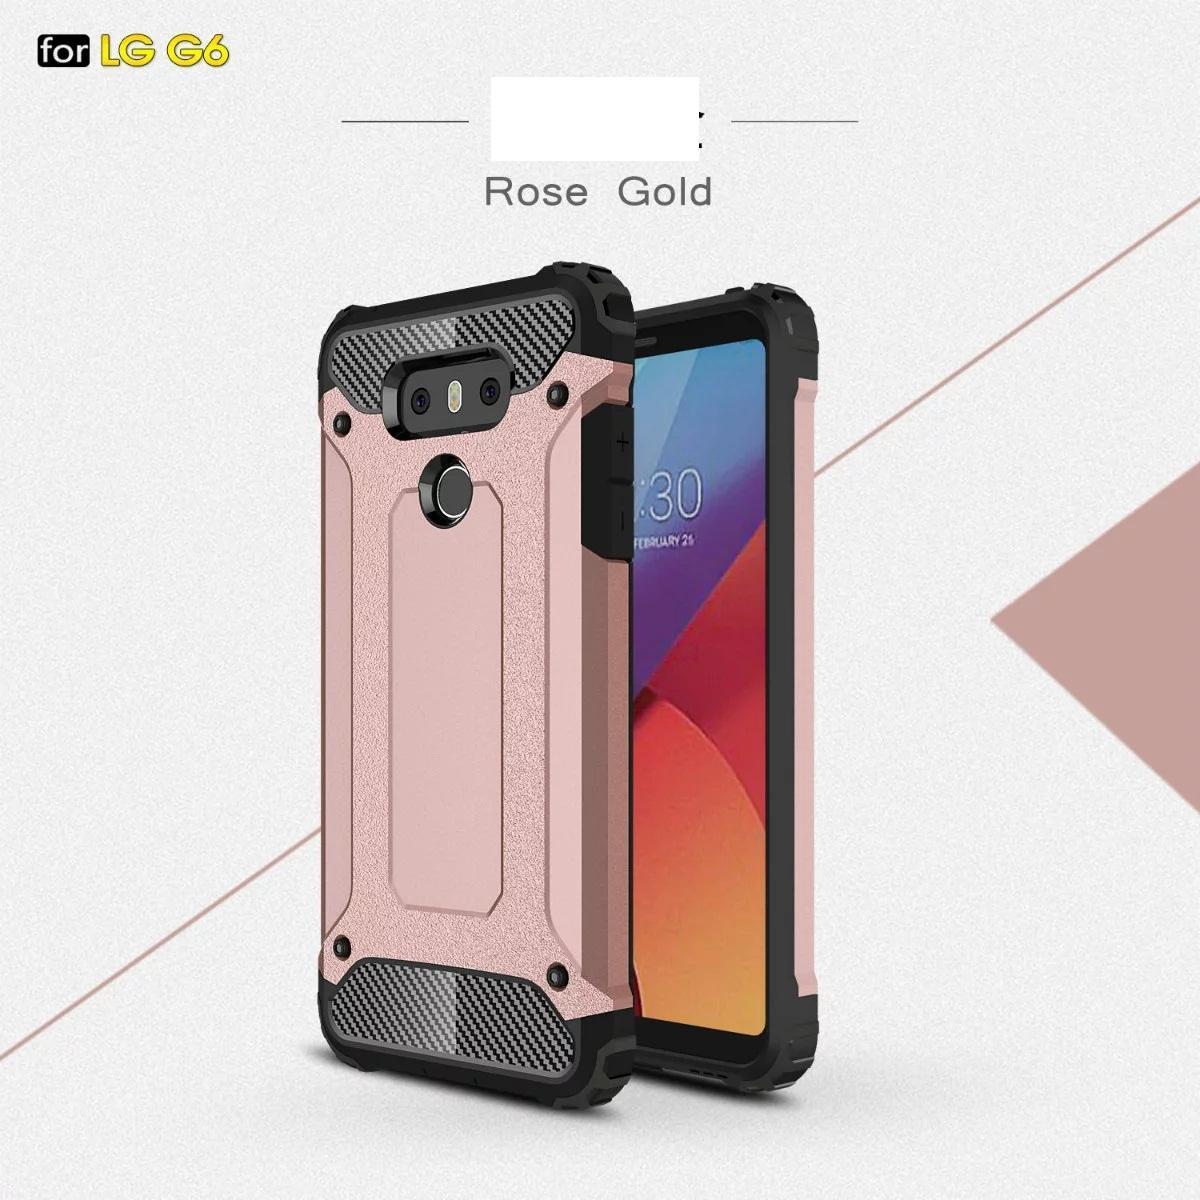 RG G6 G5 Q6 Galaxy S7 Edge S7 Plus S6 Edge Plus S6 Edge S7 Plus S6 Edge Plus S6 Edge Plus 用アーマーハイブリッドディフェンダーケースTPU + PC耐衝撃カバーケース